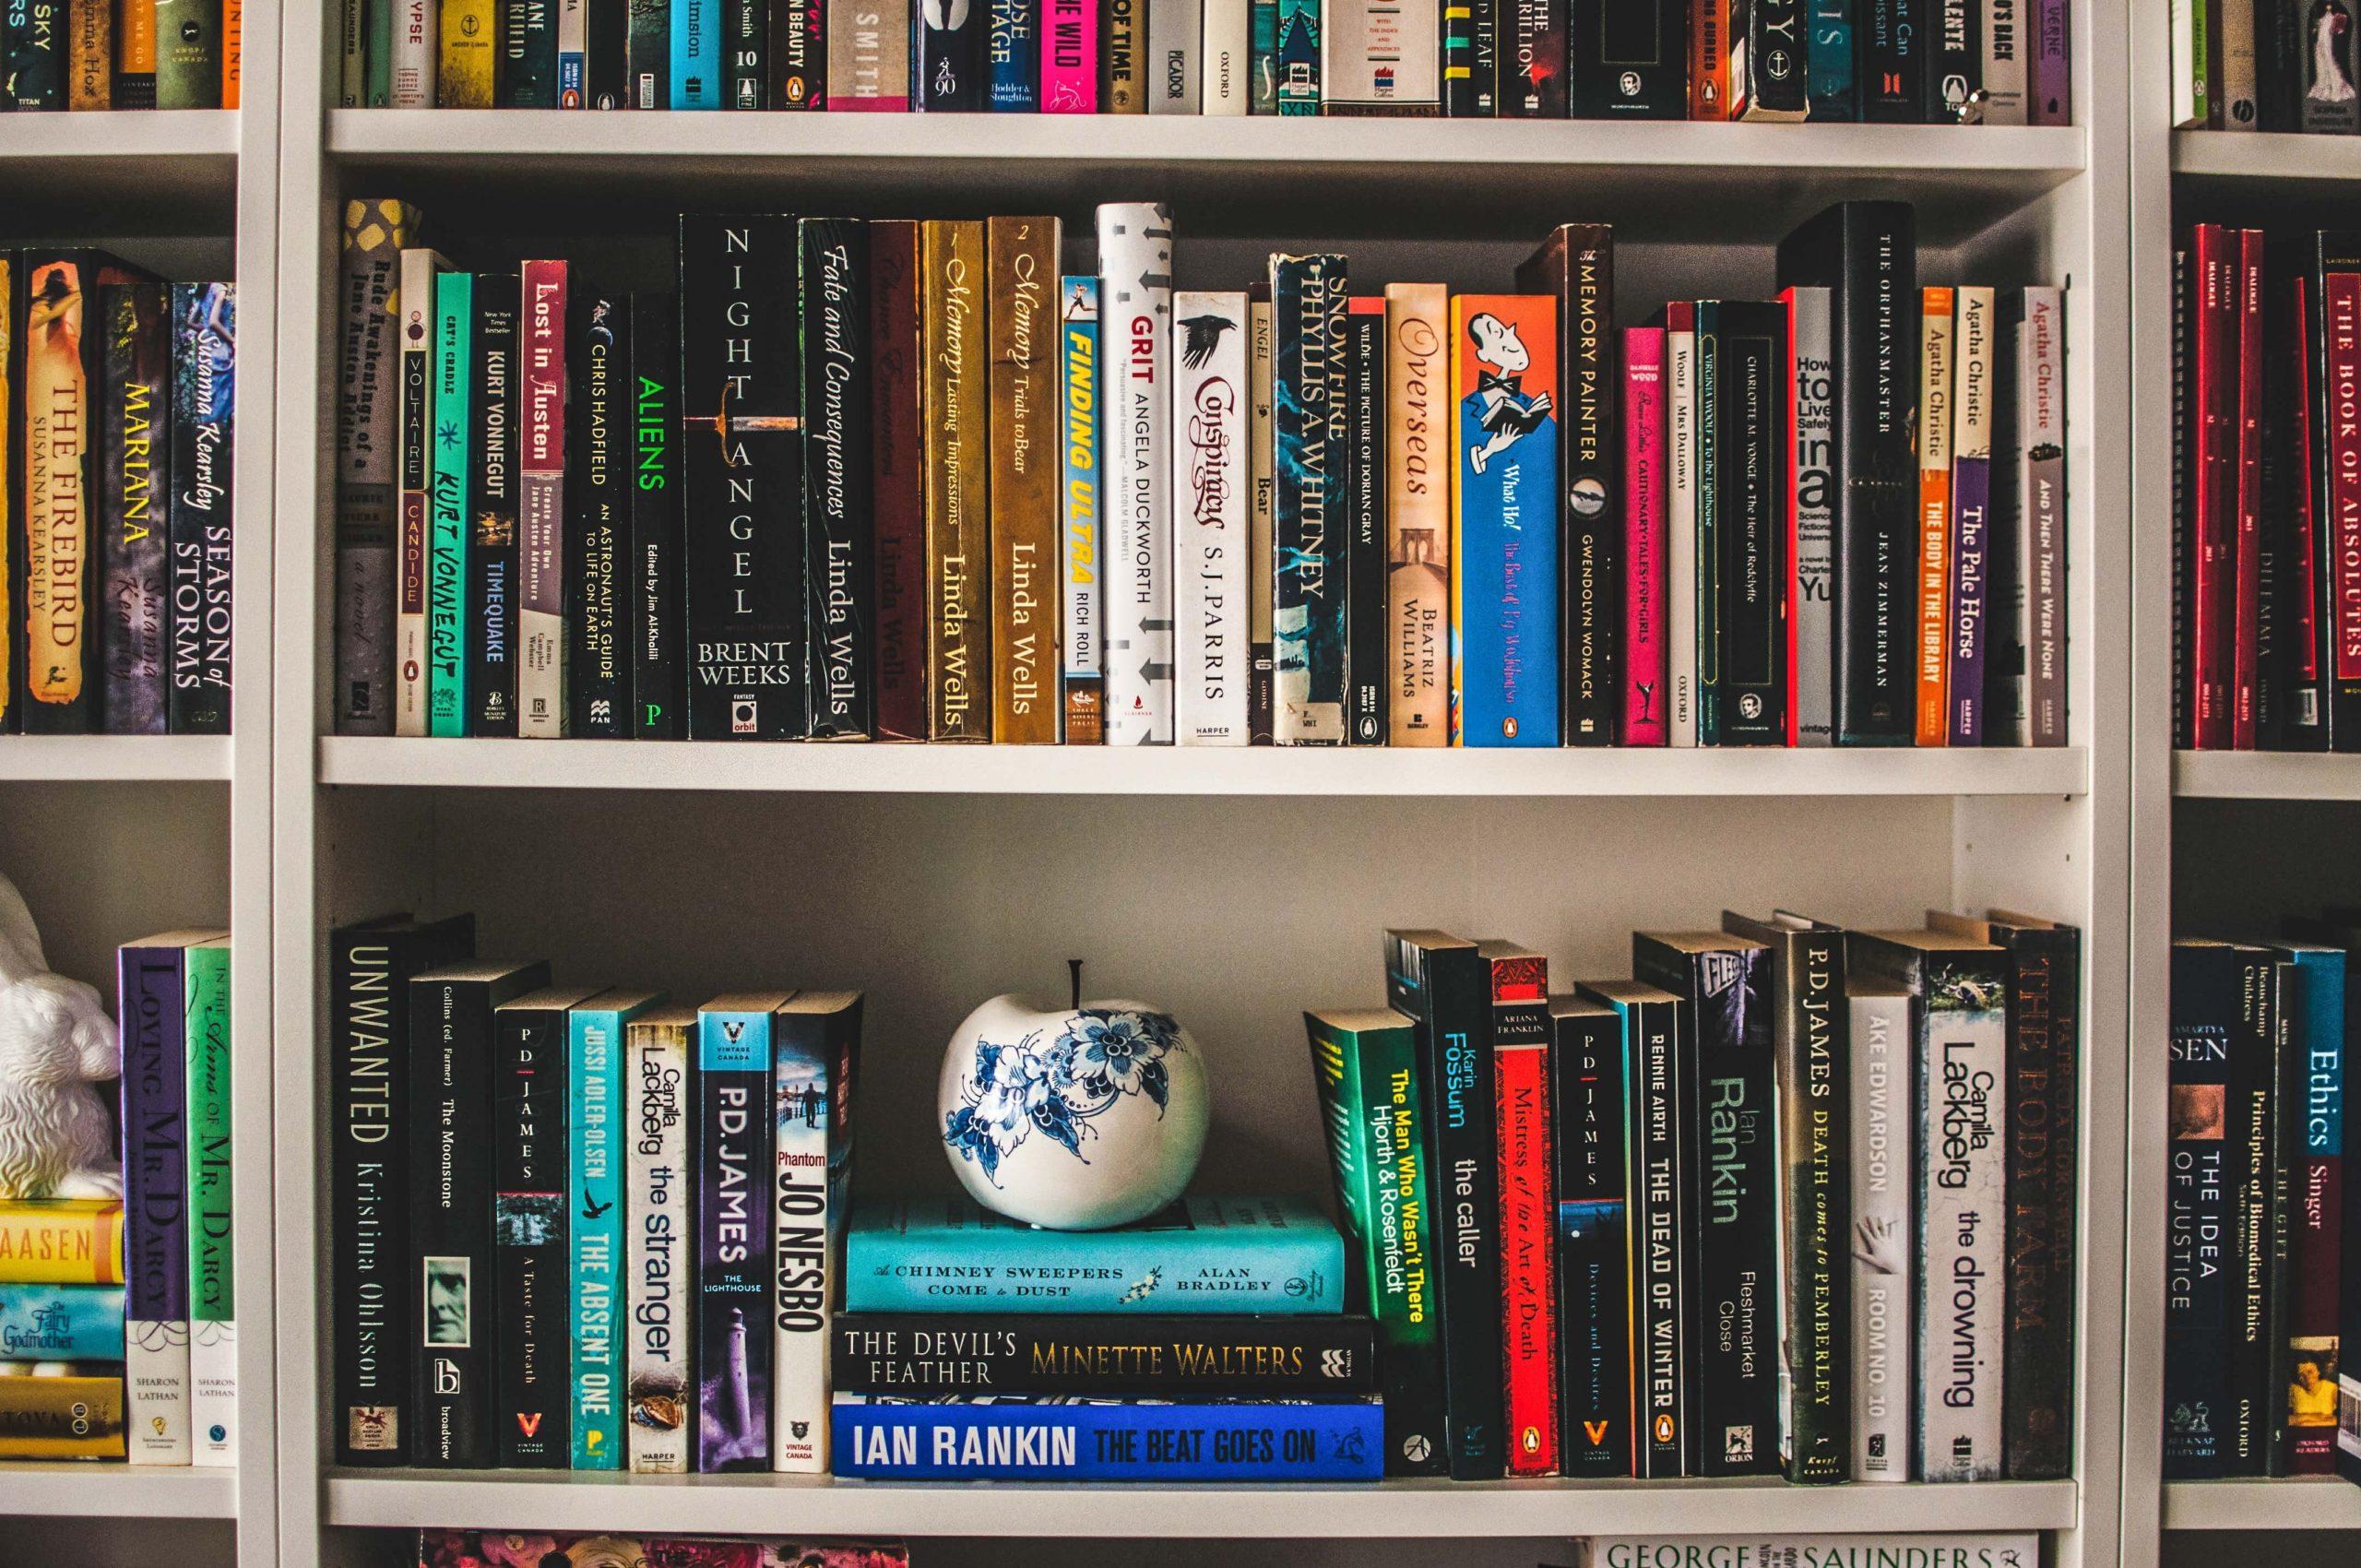 【ミニマリストの本棚】本の断捨離のコツと美しく魅せる極意